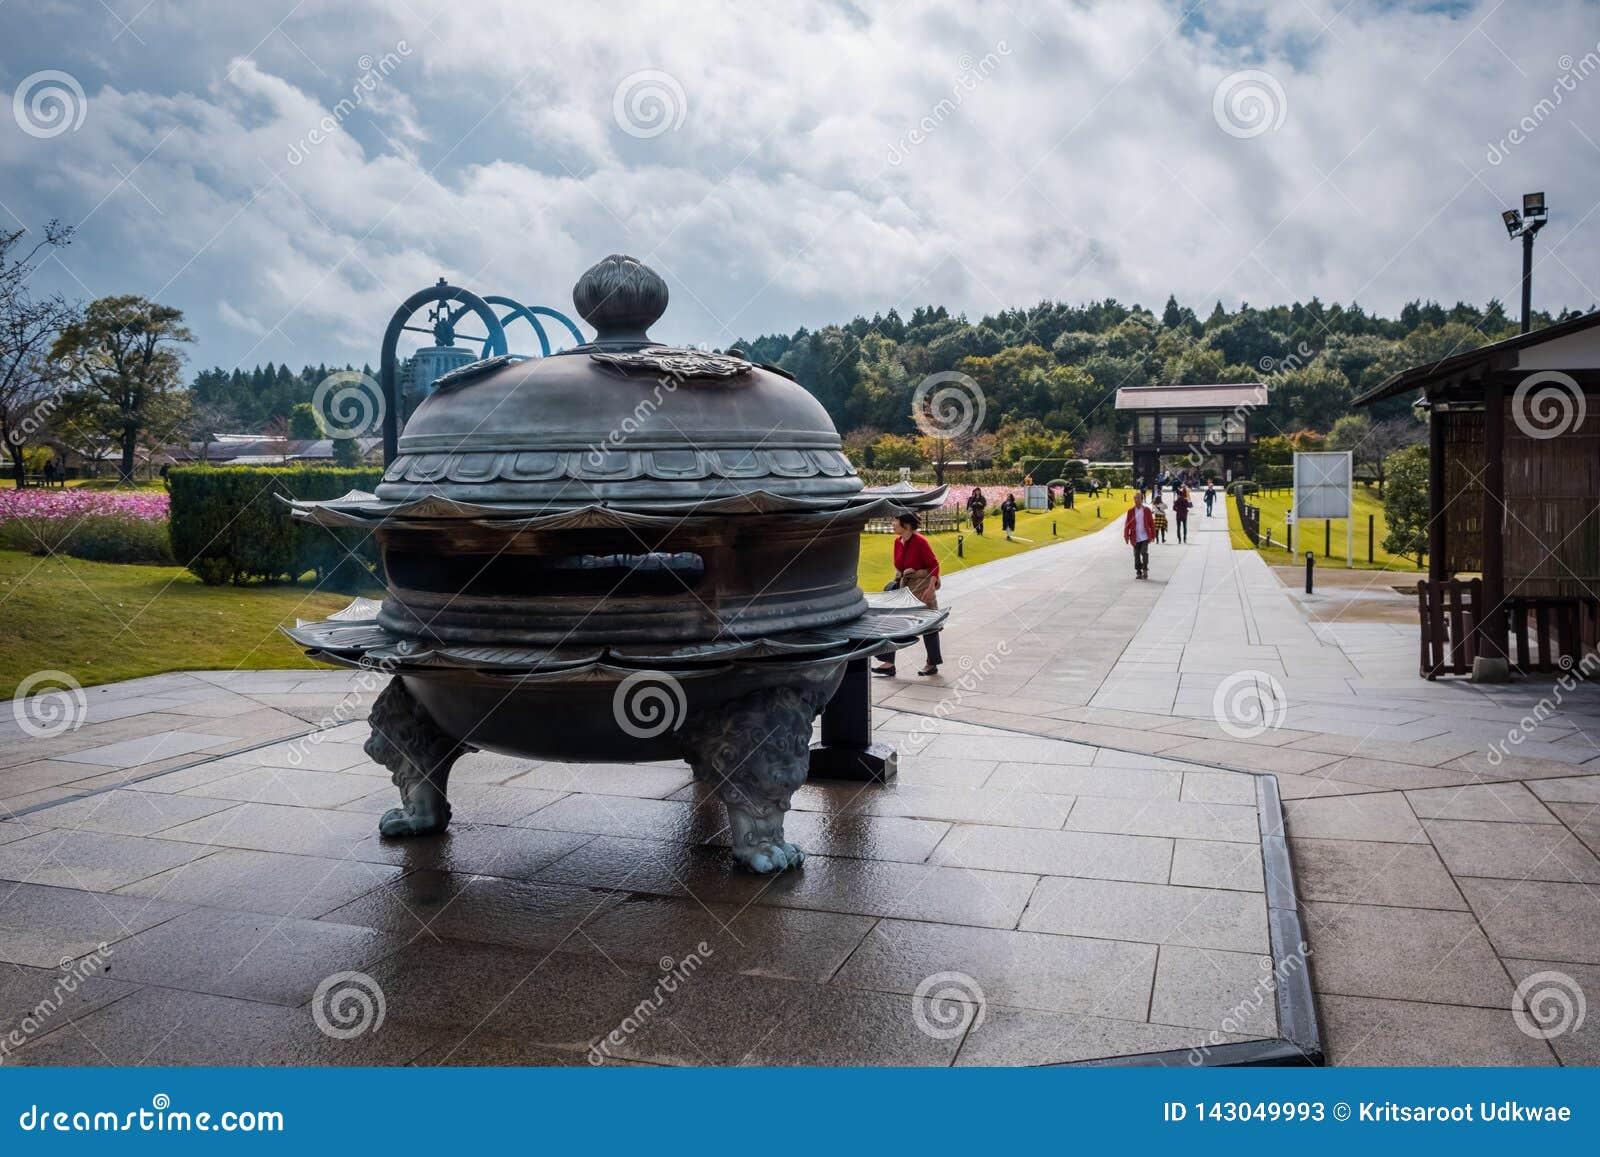 O queimador de incenso velho-japonês do estilo para rezar a Ushiku Daibutsu, é a estátua a maior da Buda no mundo, Japão